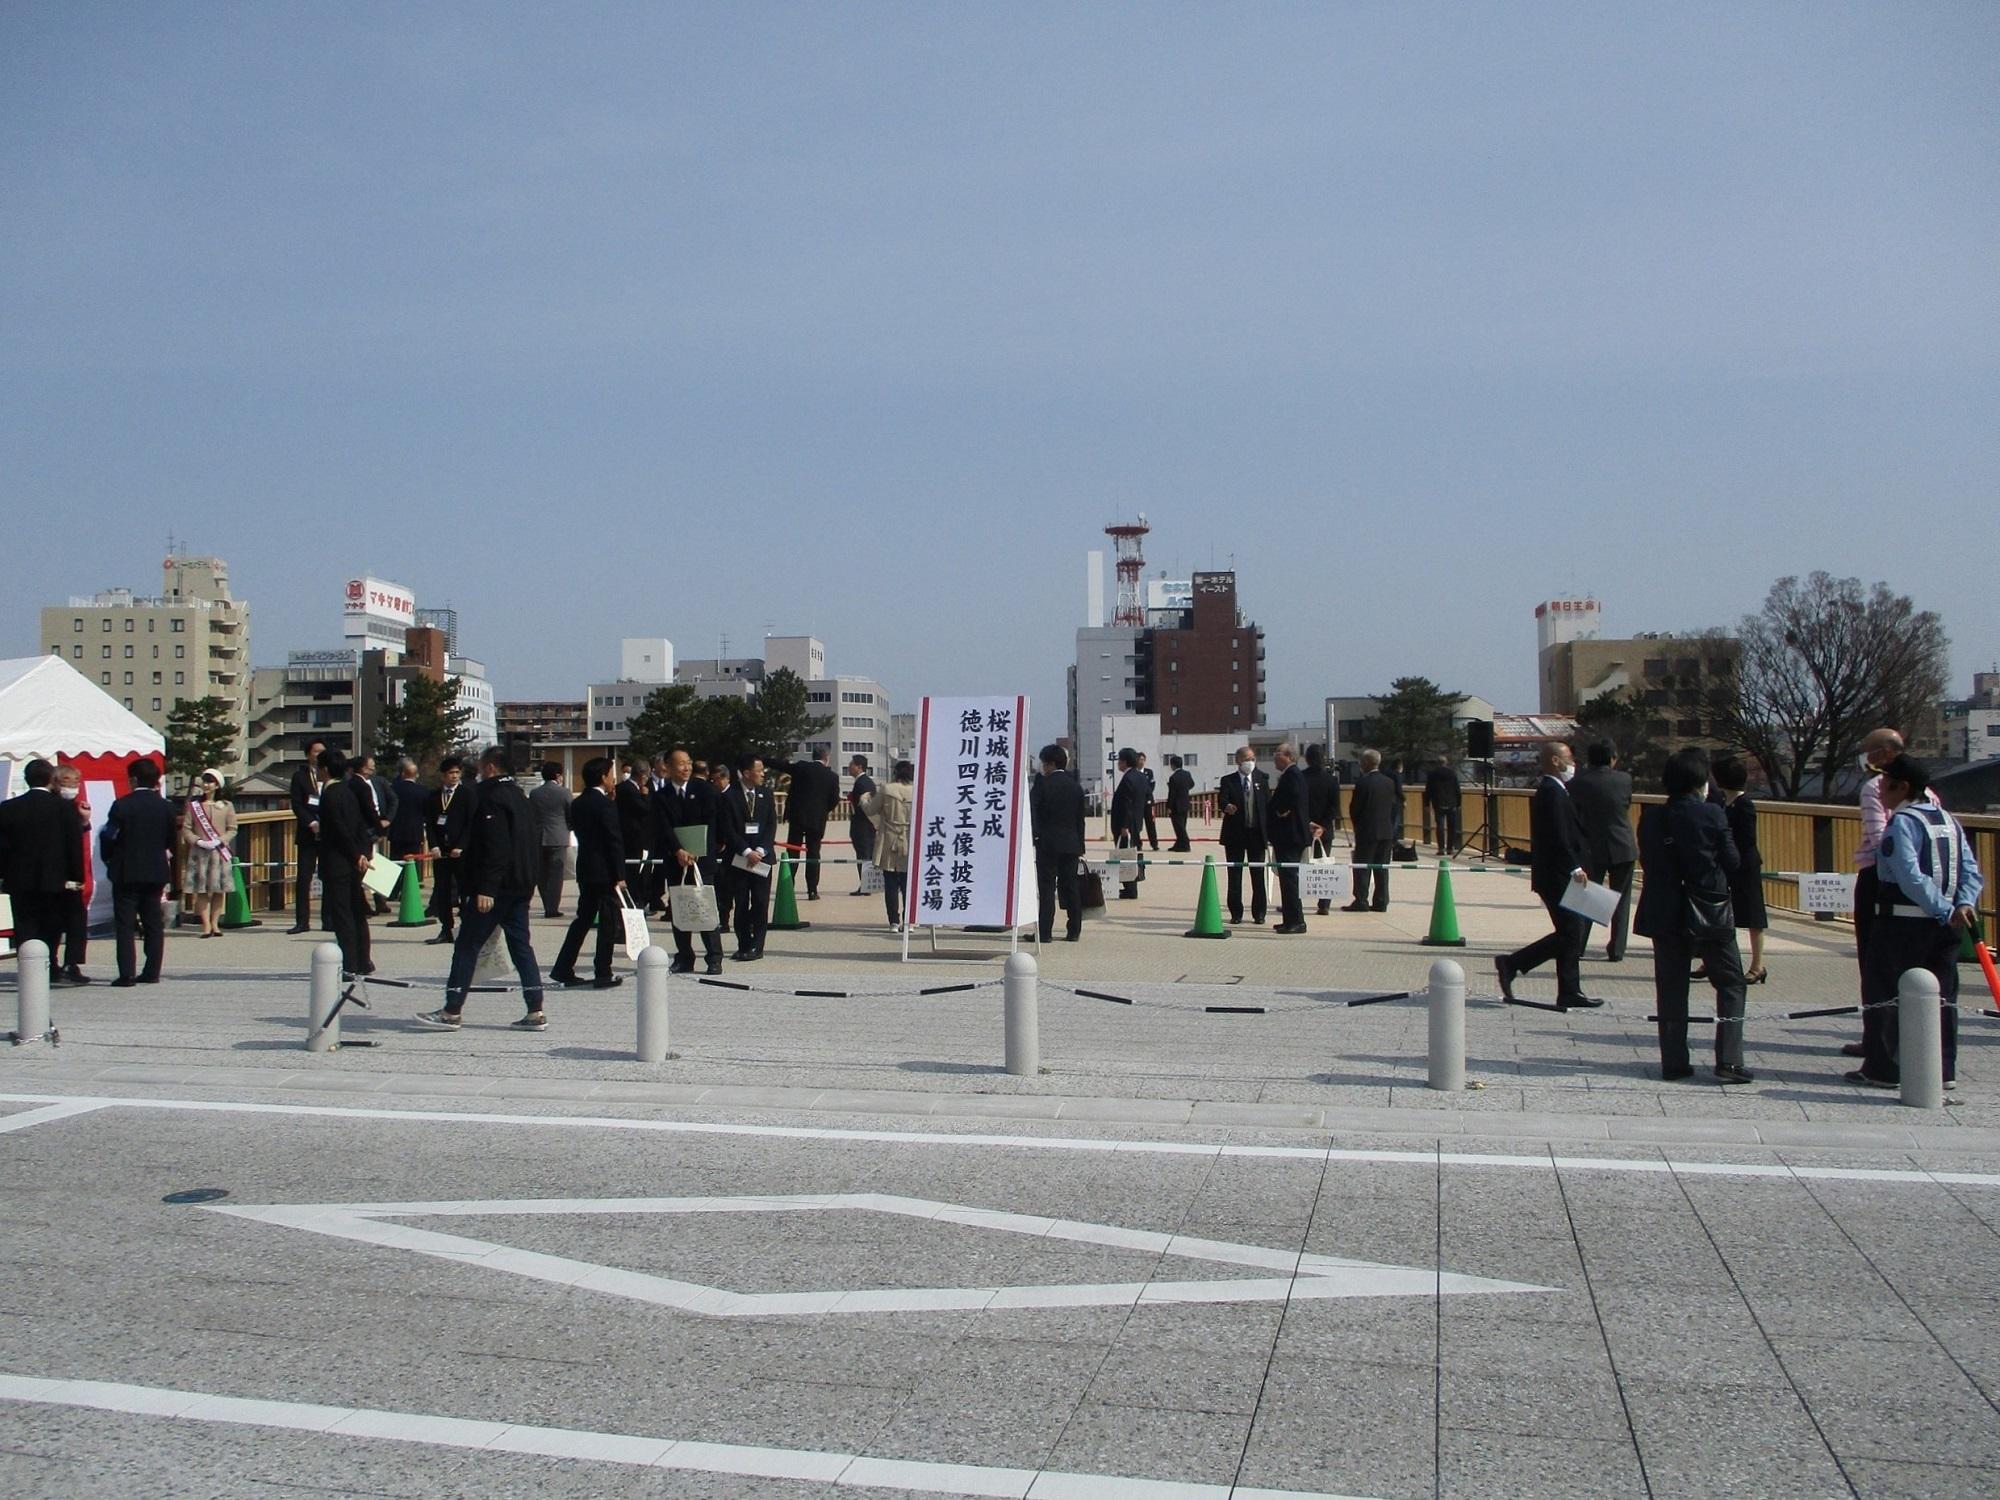 2020.3.22 (9) 桜城橋 - 完成式典会場 2000-1500